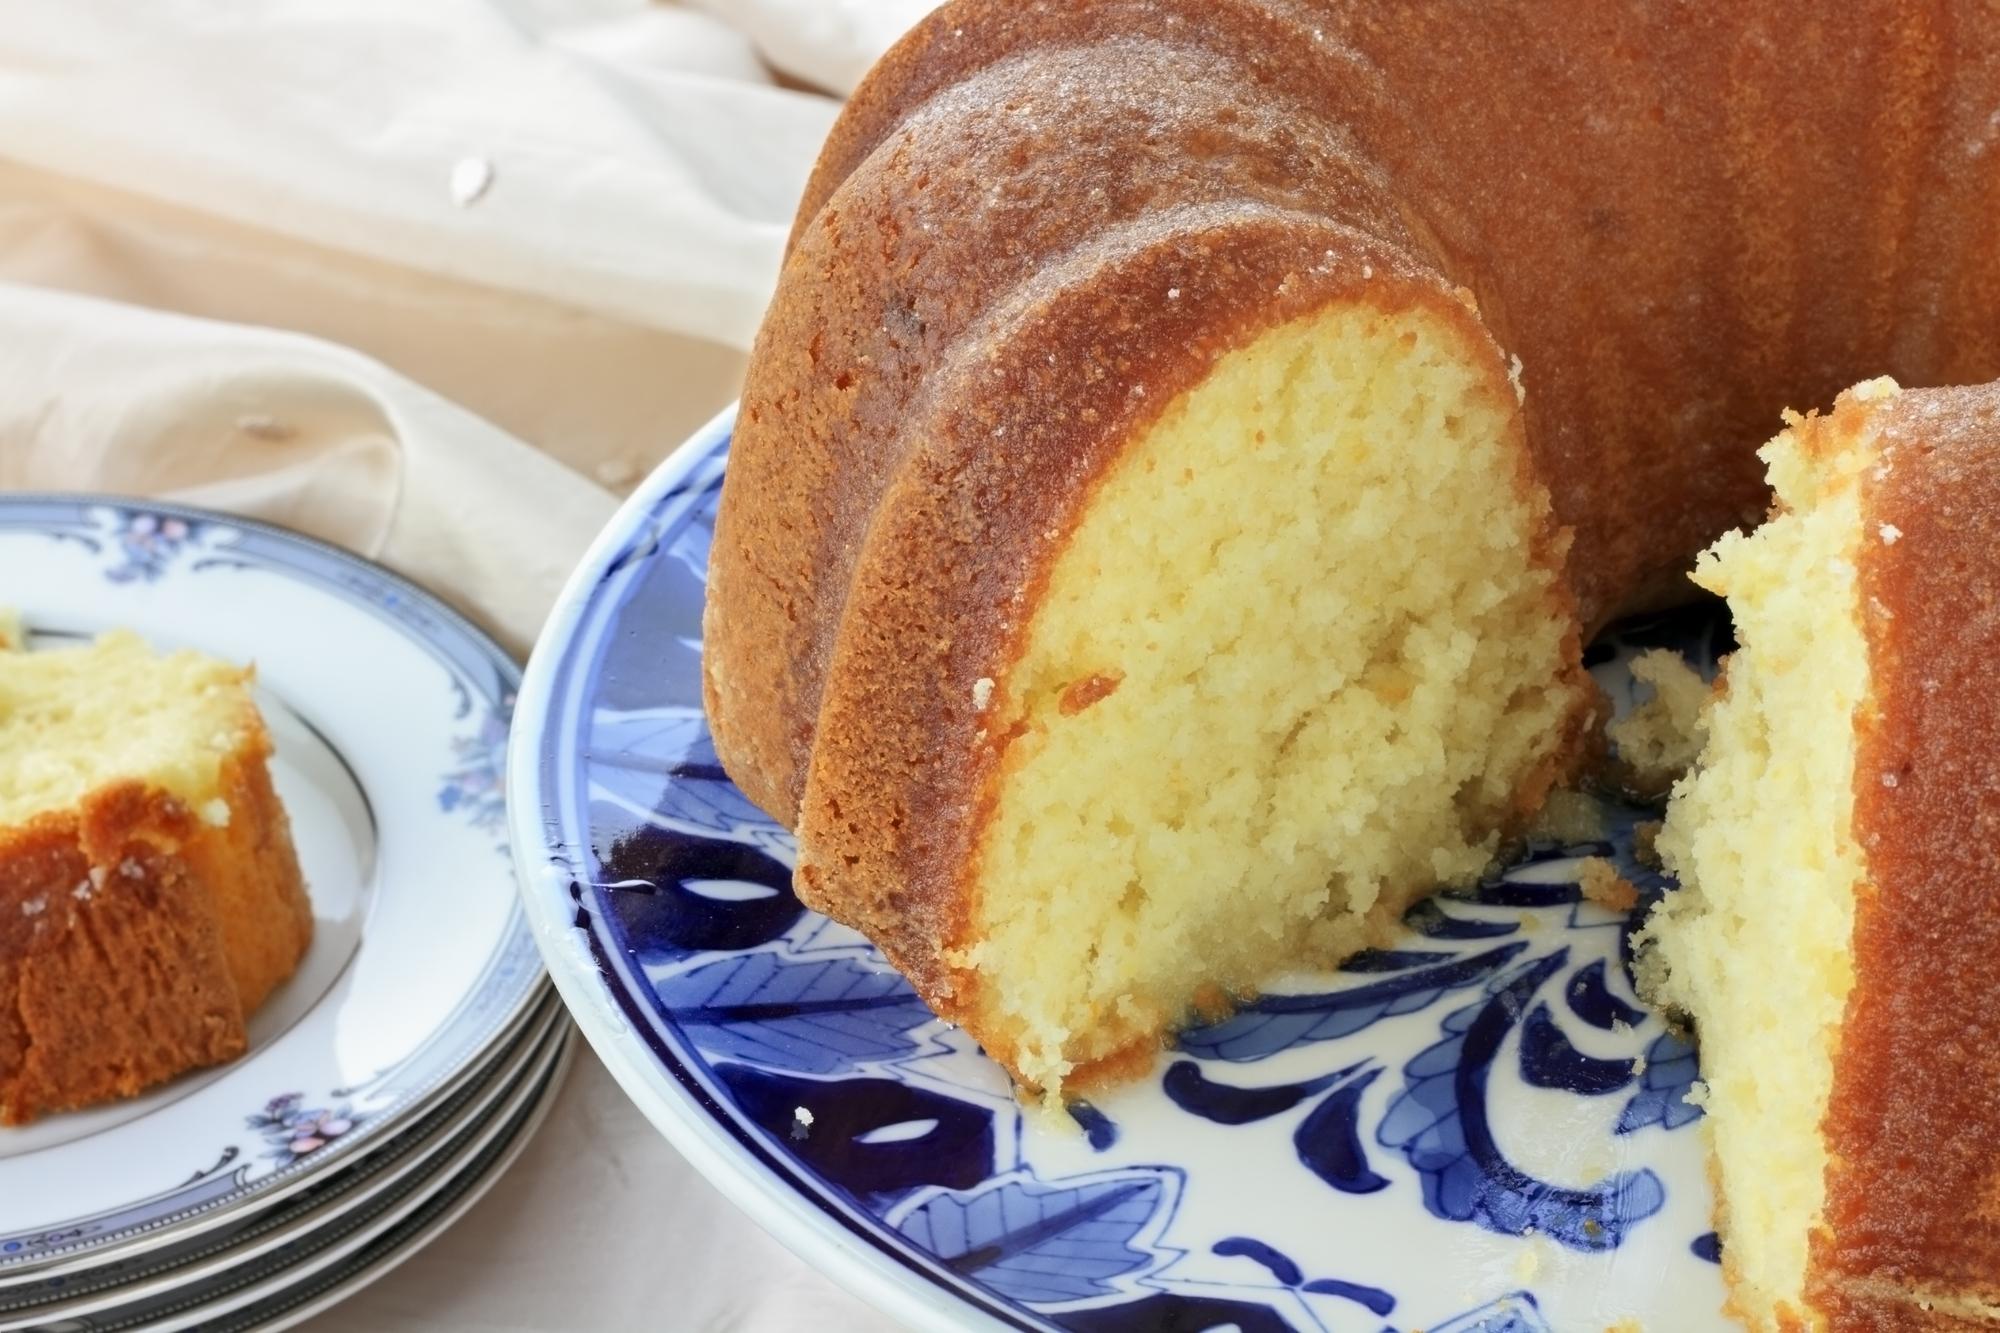 David Leites gluten free dairy free orange cake recipe